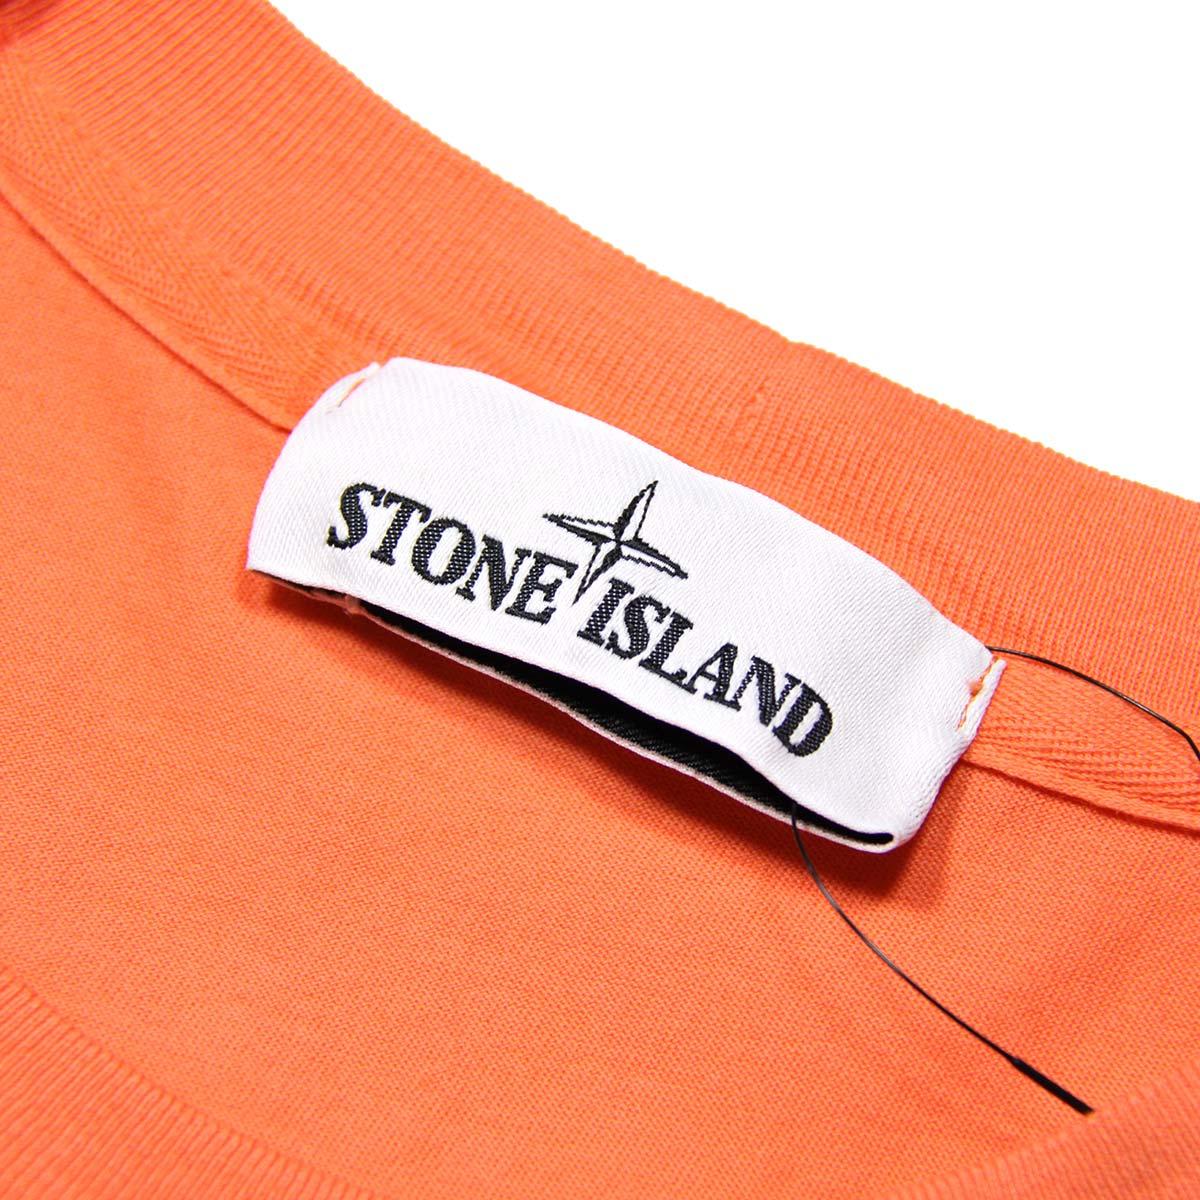 ストーンアイランド Tシャツ メンズ 正規品 STONE ISLAND 半袖Tシャツ T-SHIRT ORANGE ARAGOSTA 24113 V0037 AB4B B1C C1D D1E E10F ホワイトデー 2021 ラッピング無料